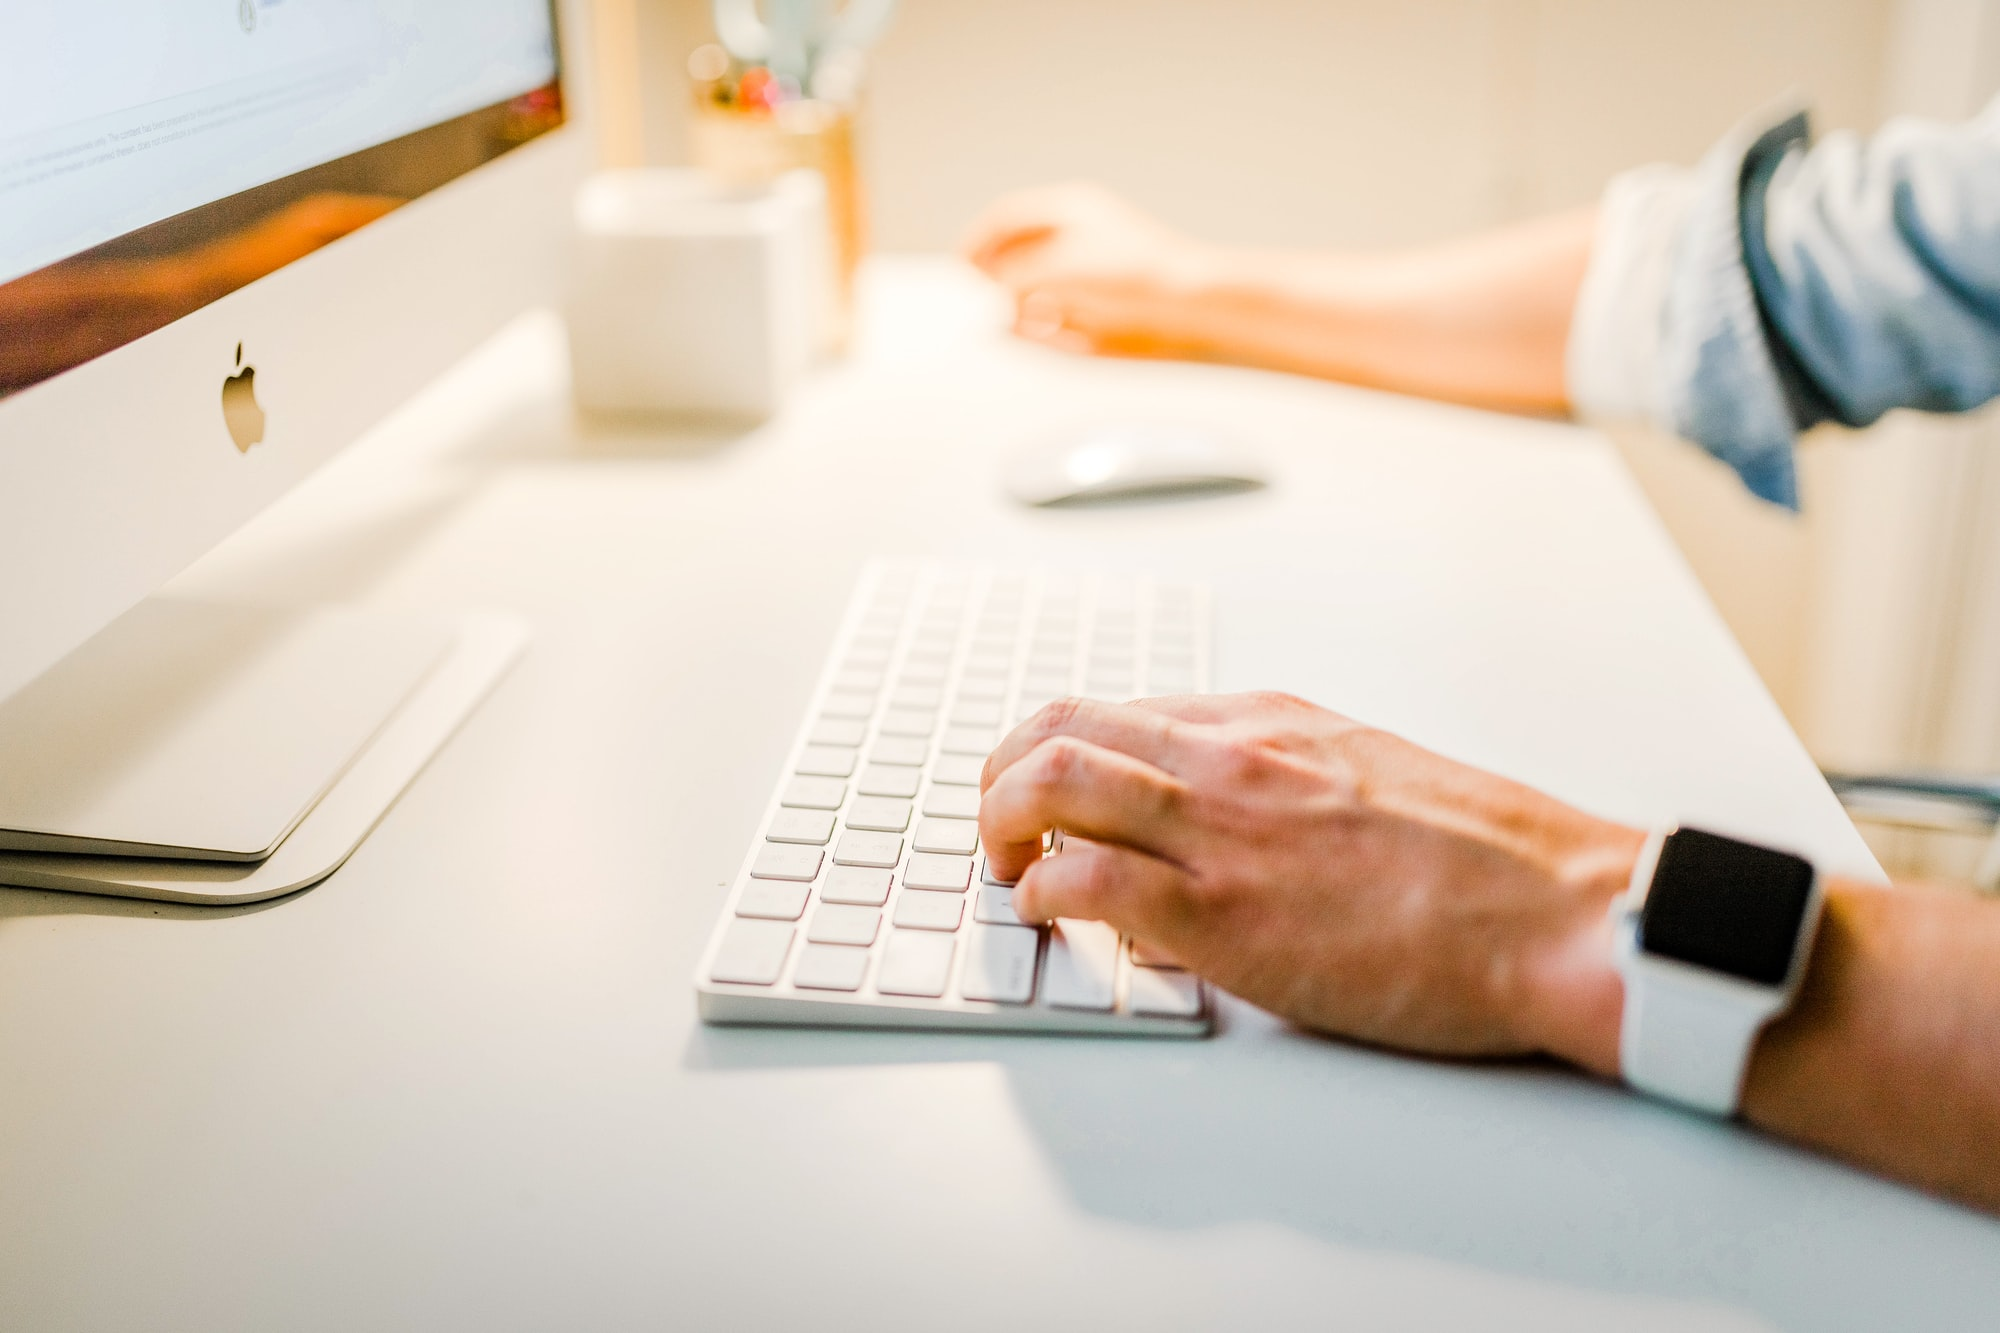 Kỹ năng viết content chuẩn SEO là bước quan trọng trong bán hàng online